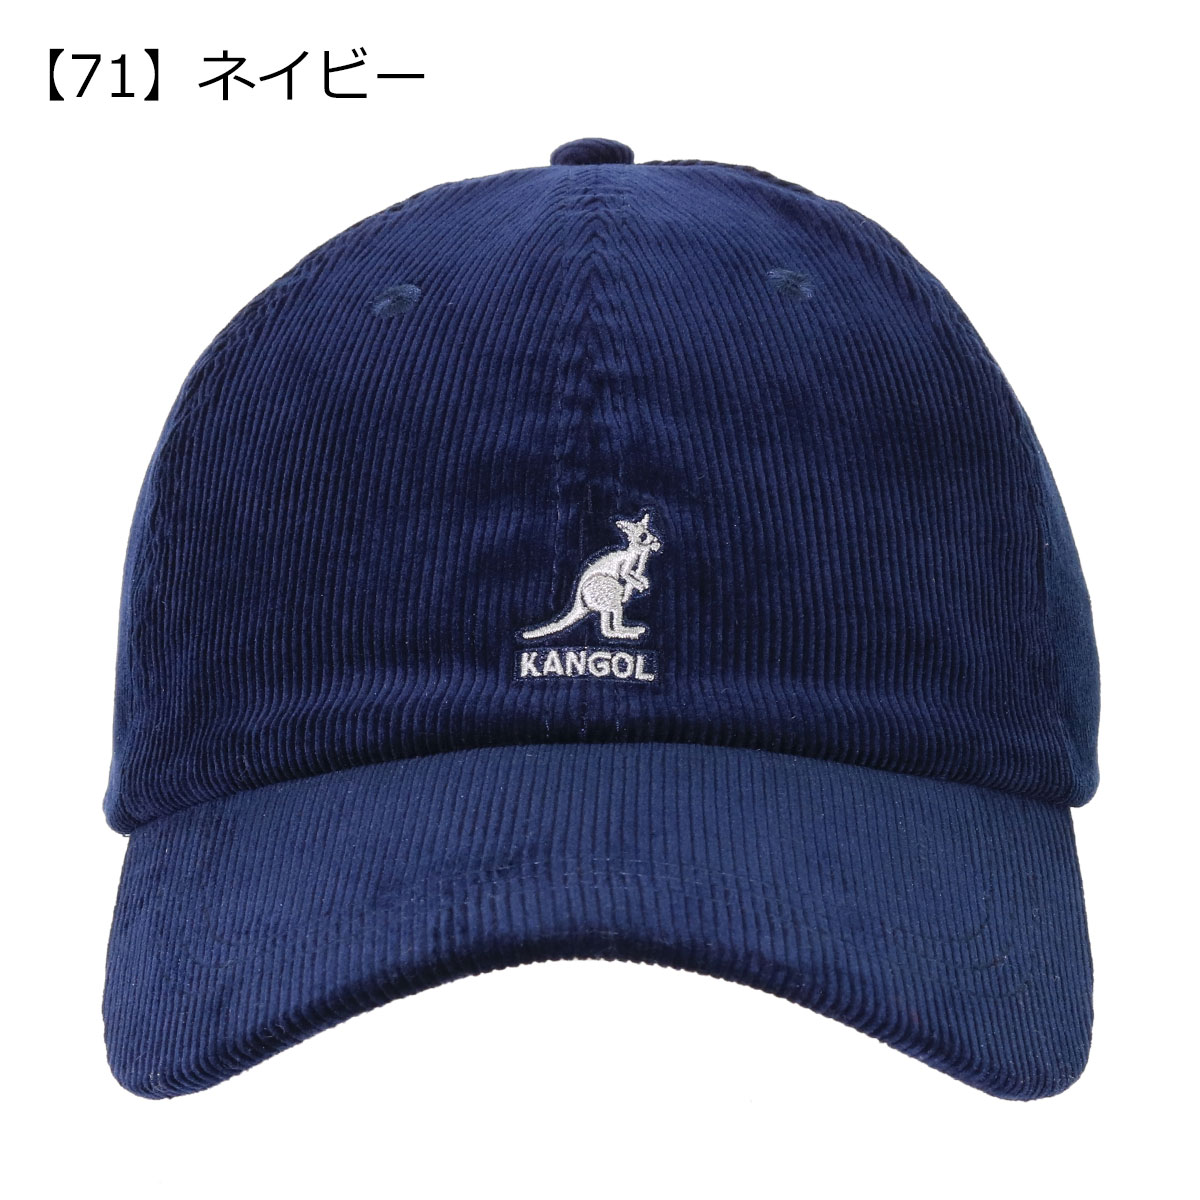 【71】ネイビー